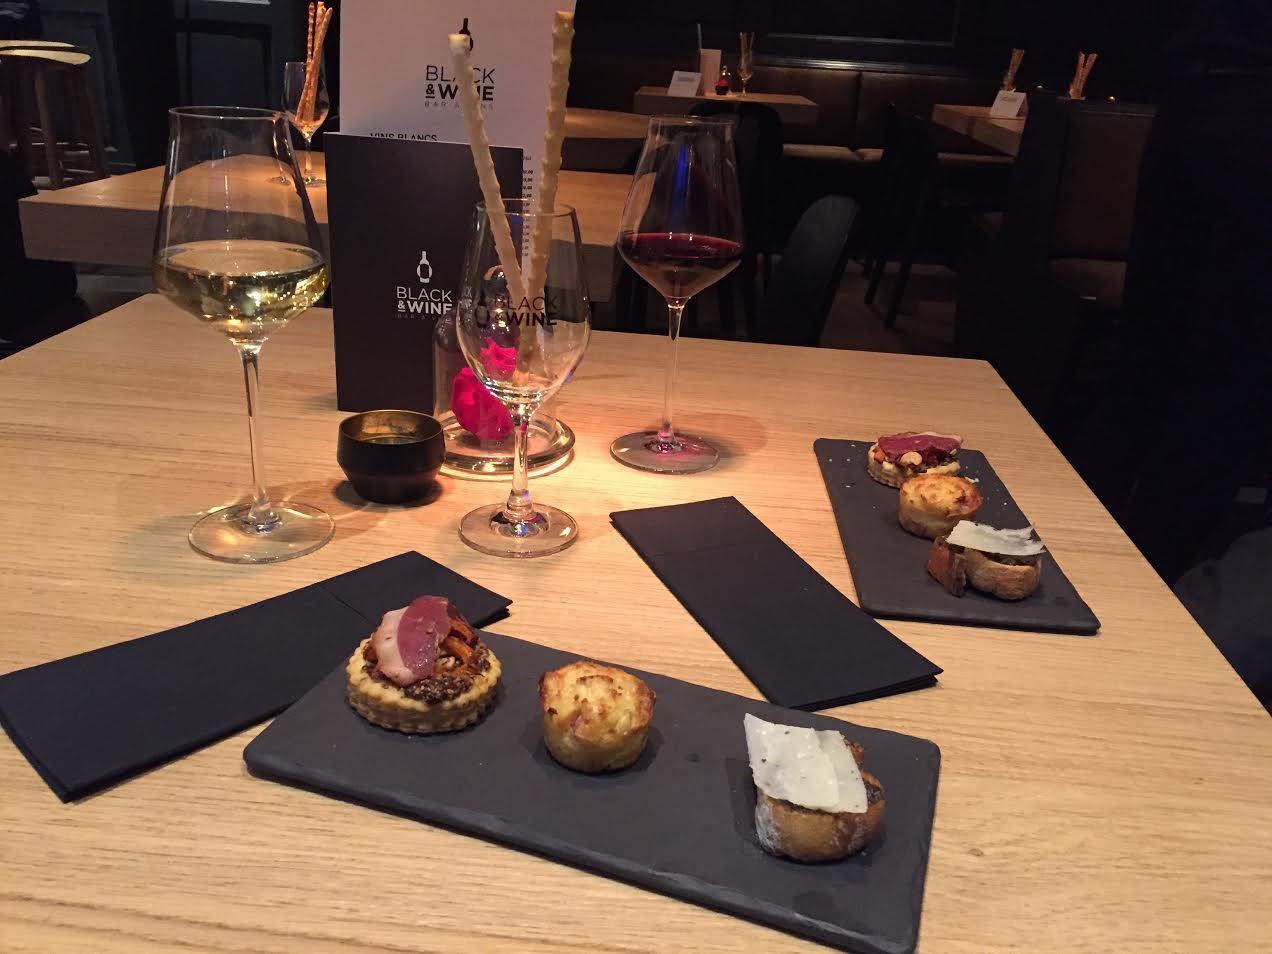 Un apéro au bar à vins Black & Wine – Les rendez-vous de Camille